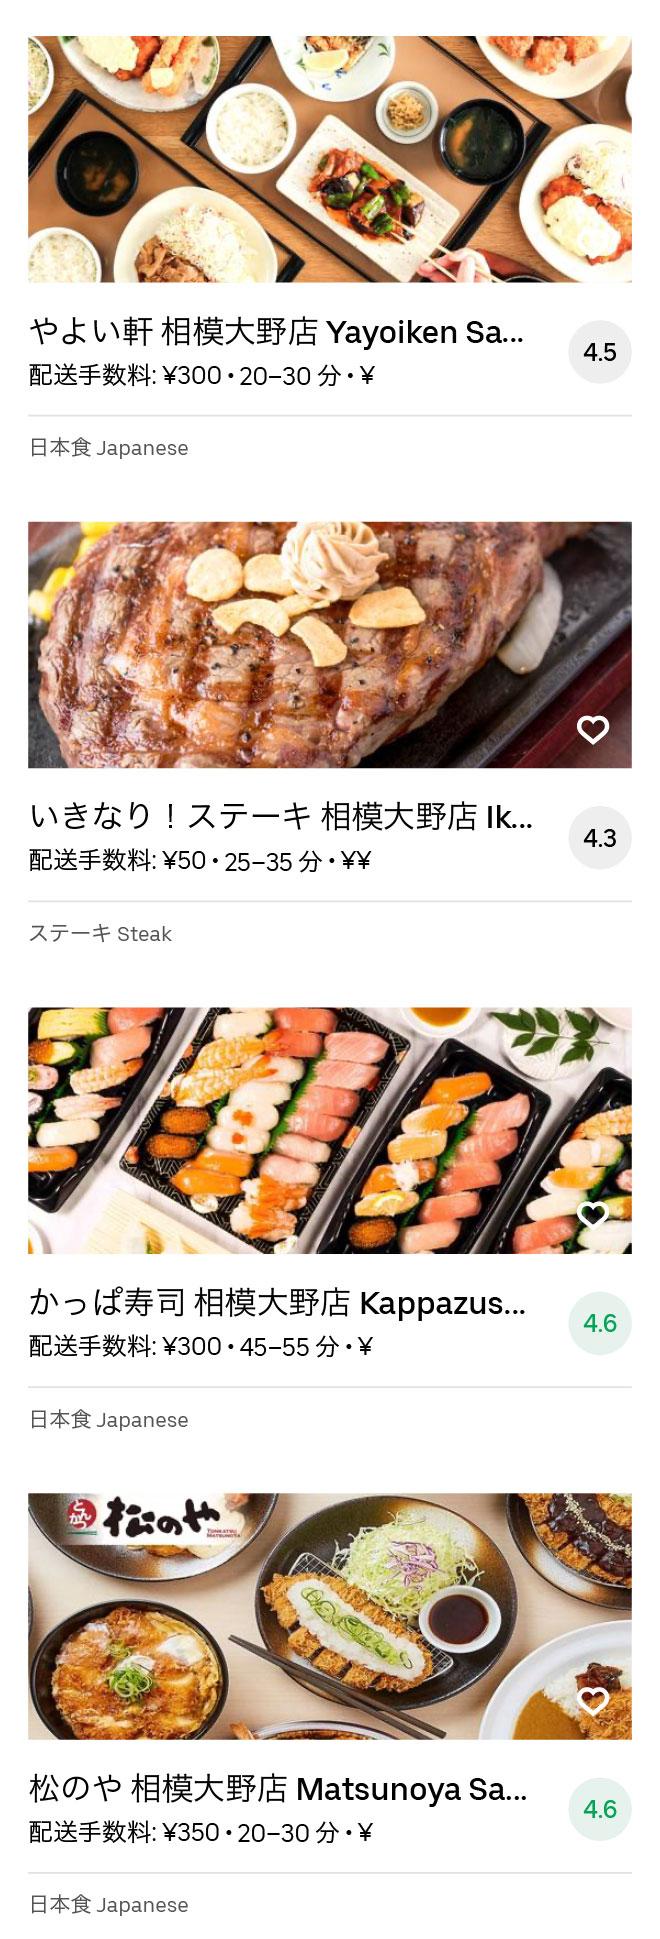 Odakyu sagamihara menu 2008 07